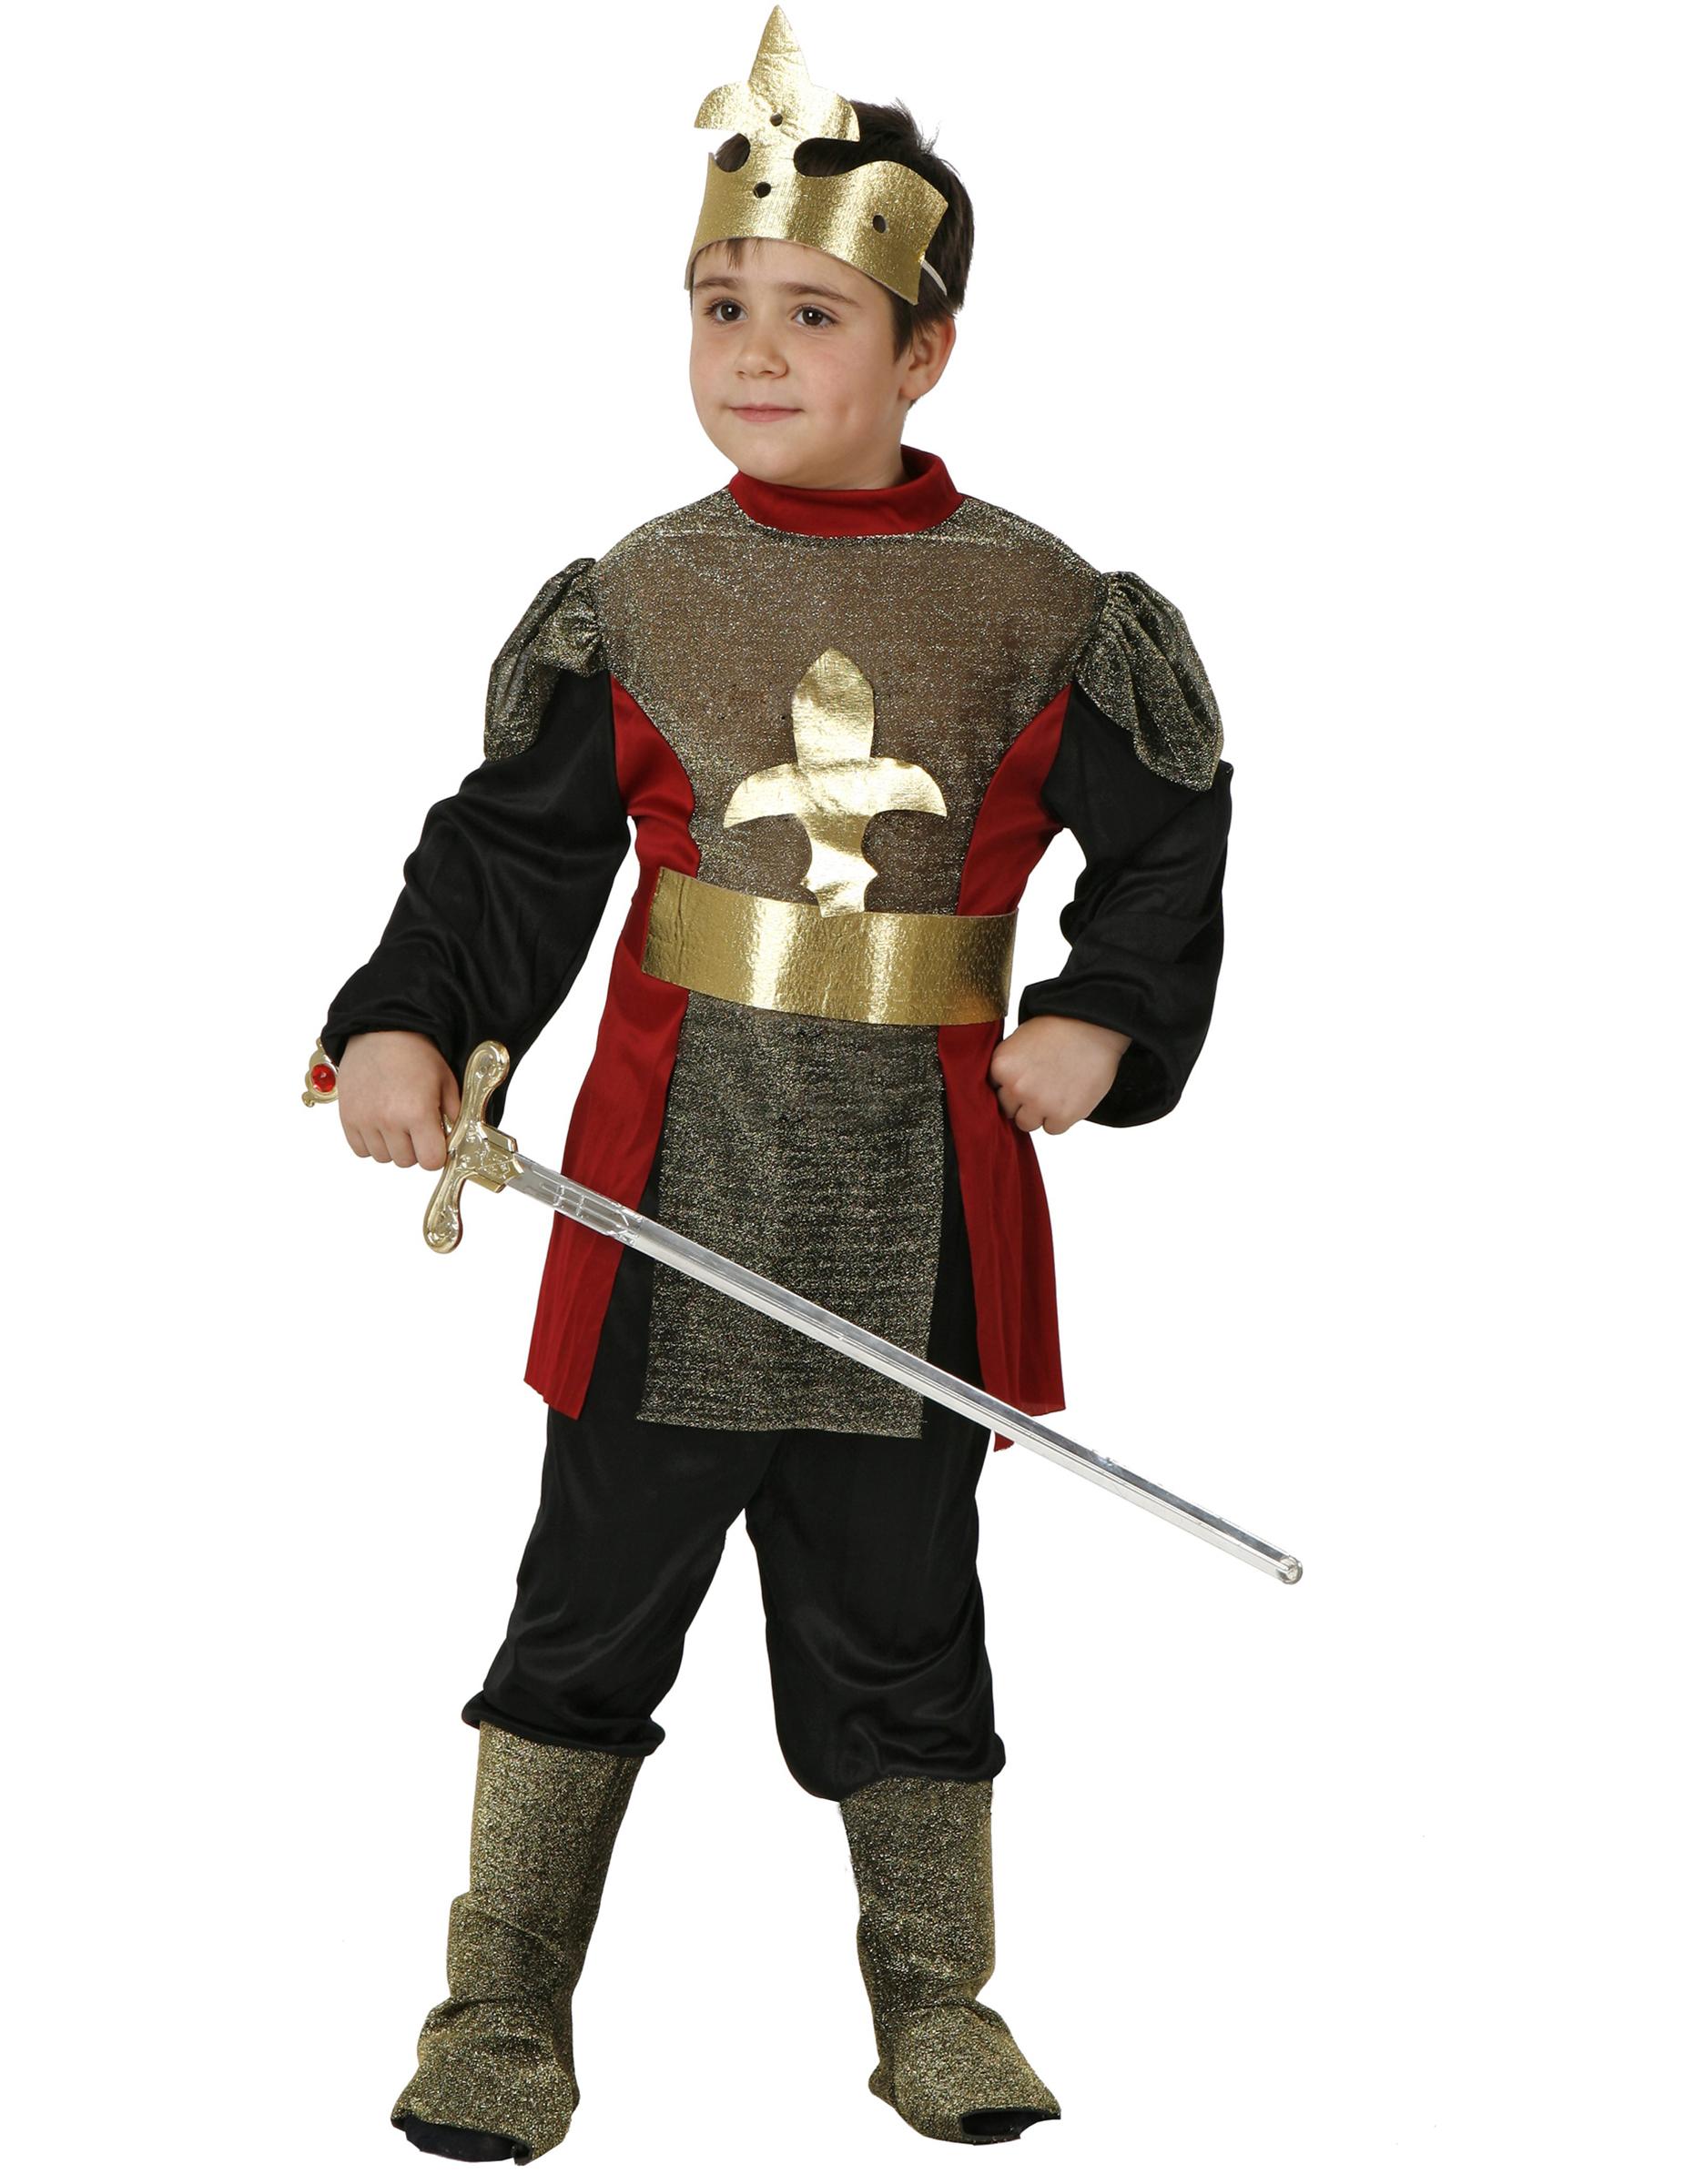 ee23bb3ff338c Costumi per bambini a tema medievale - Vegaoo.it